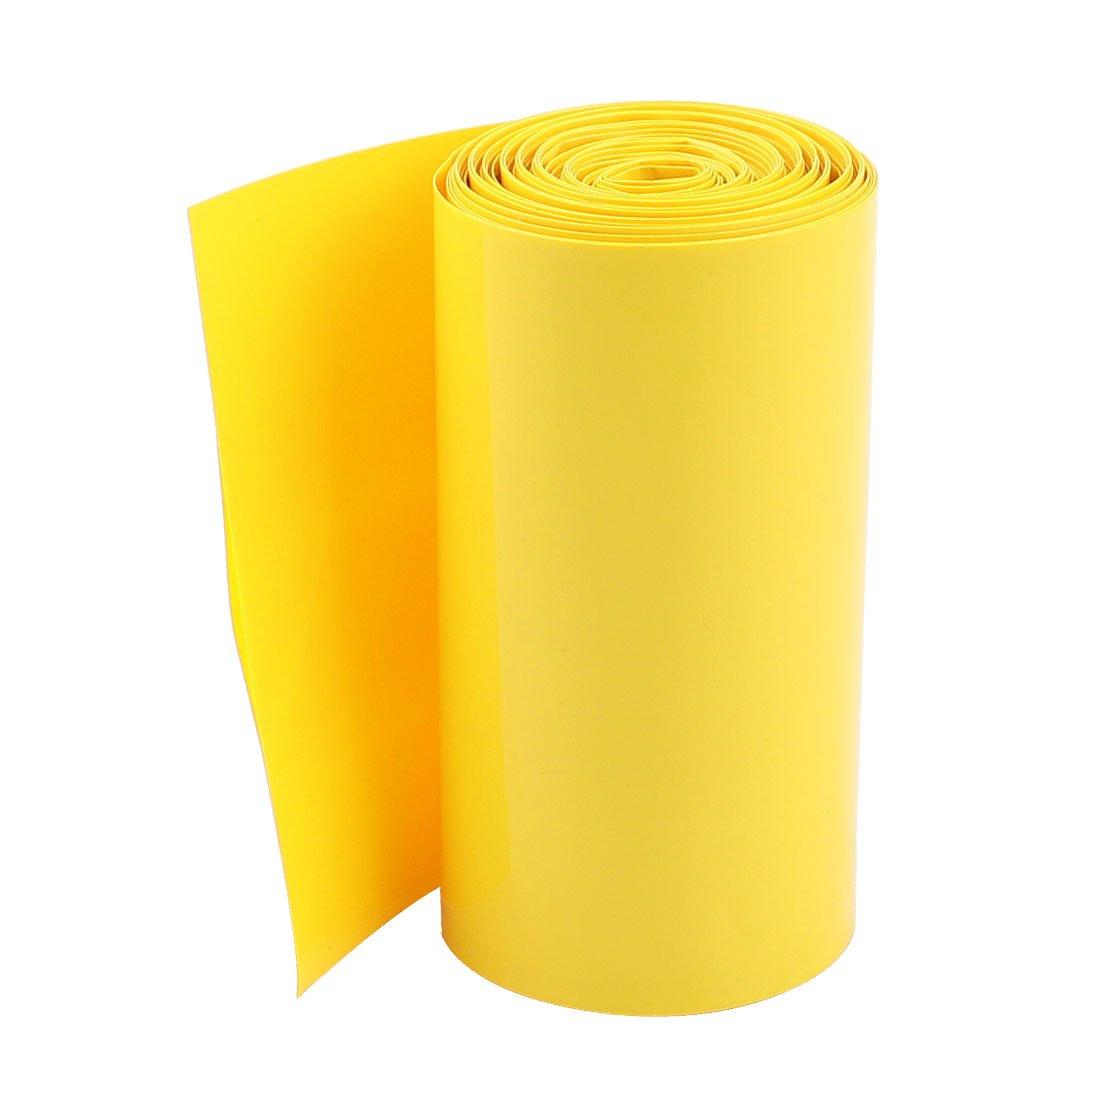 sourcingmap® 85 millimetri PVC Larghezza tubi termo restringenti Tubo giallo 5metri s per 18650 Confezione sourcing map a15012900ux0409